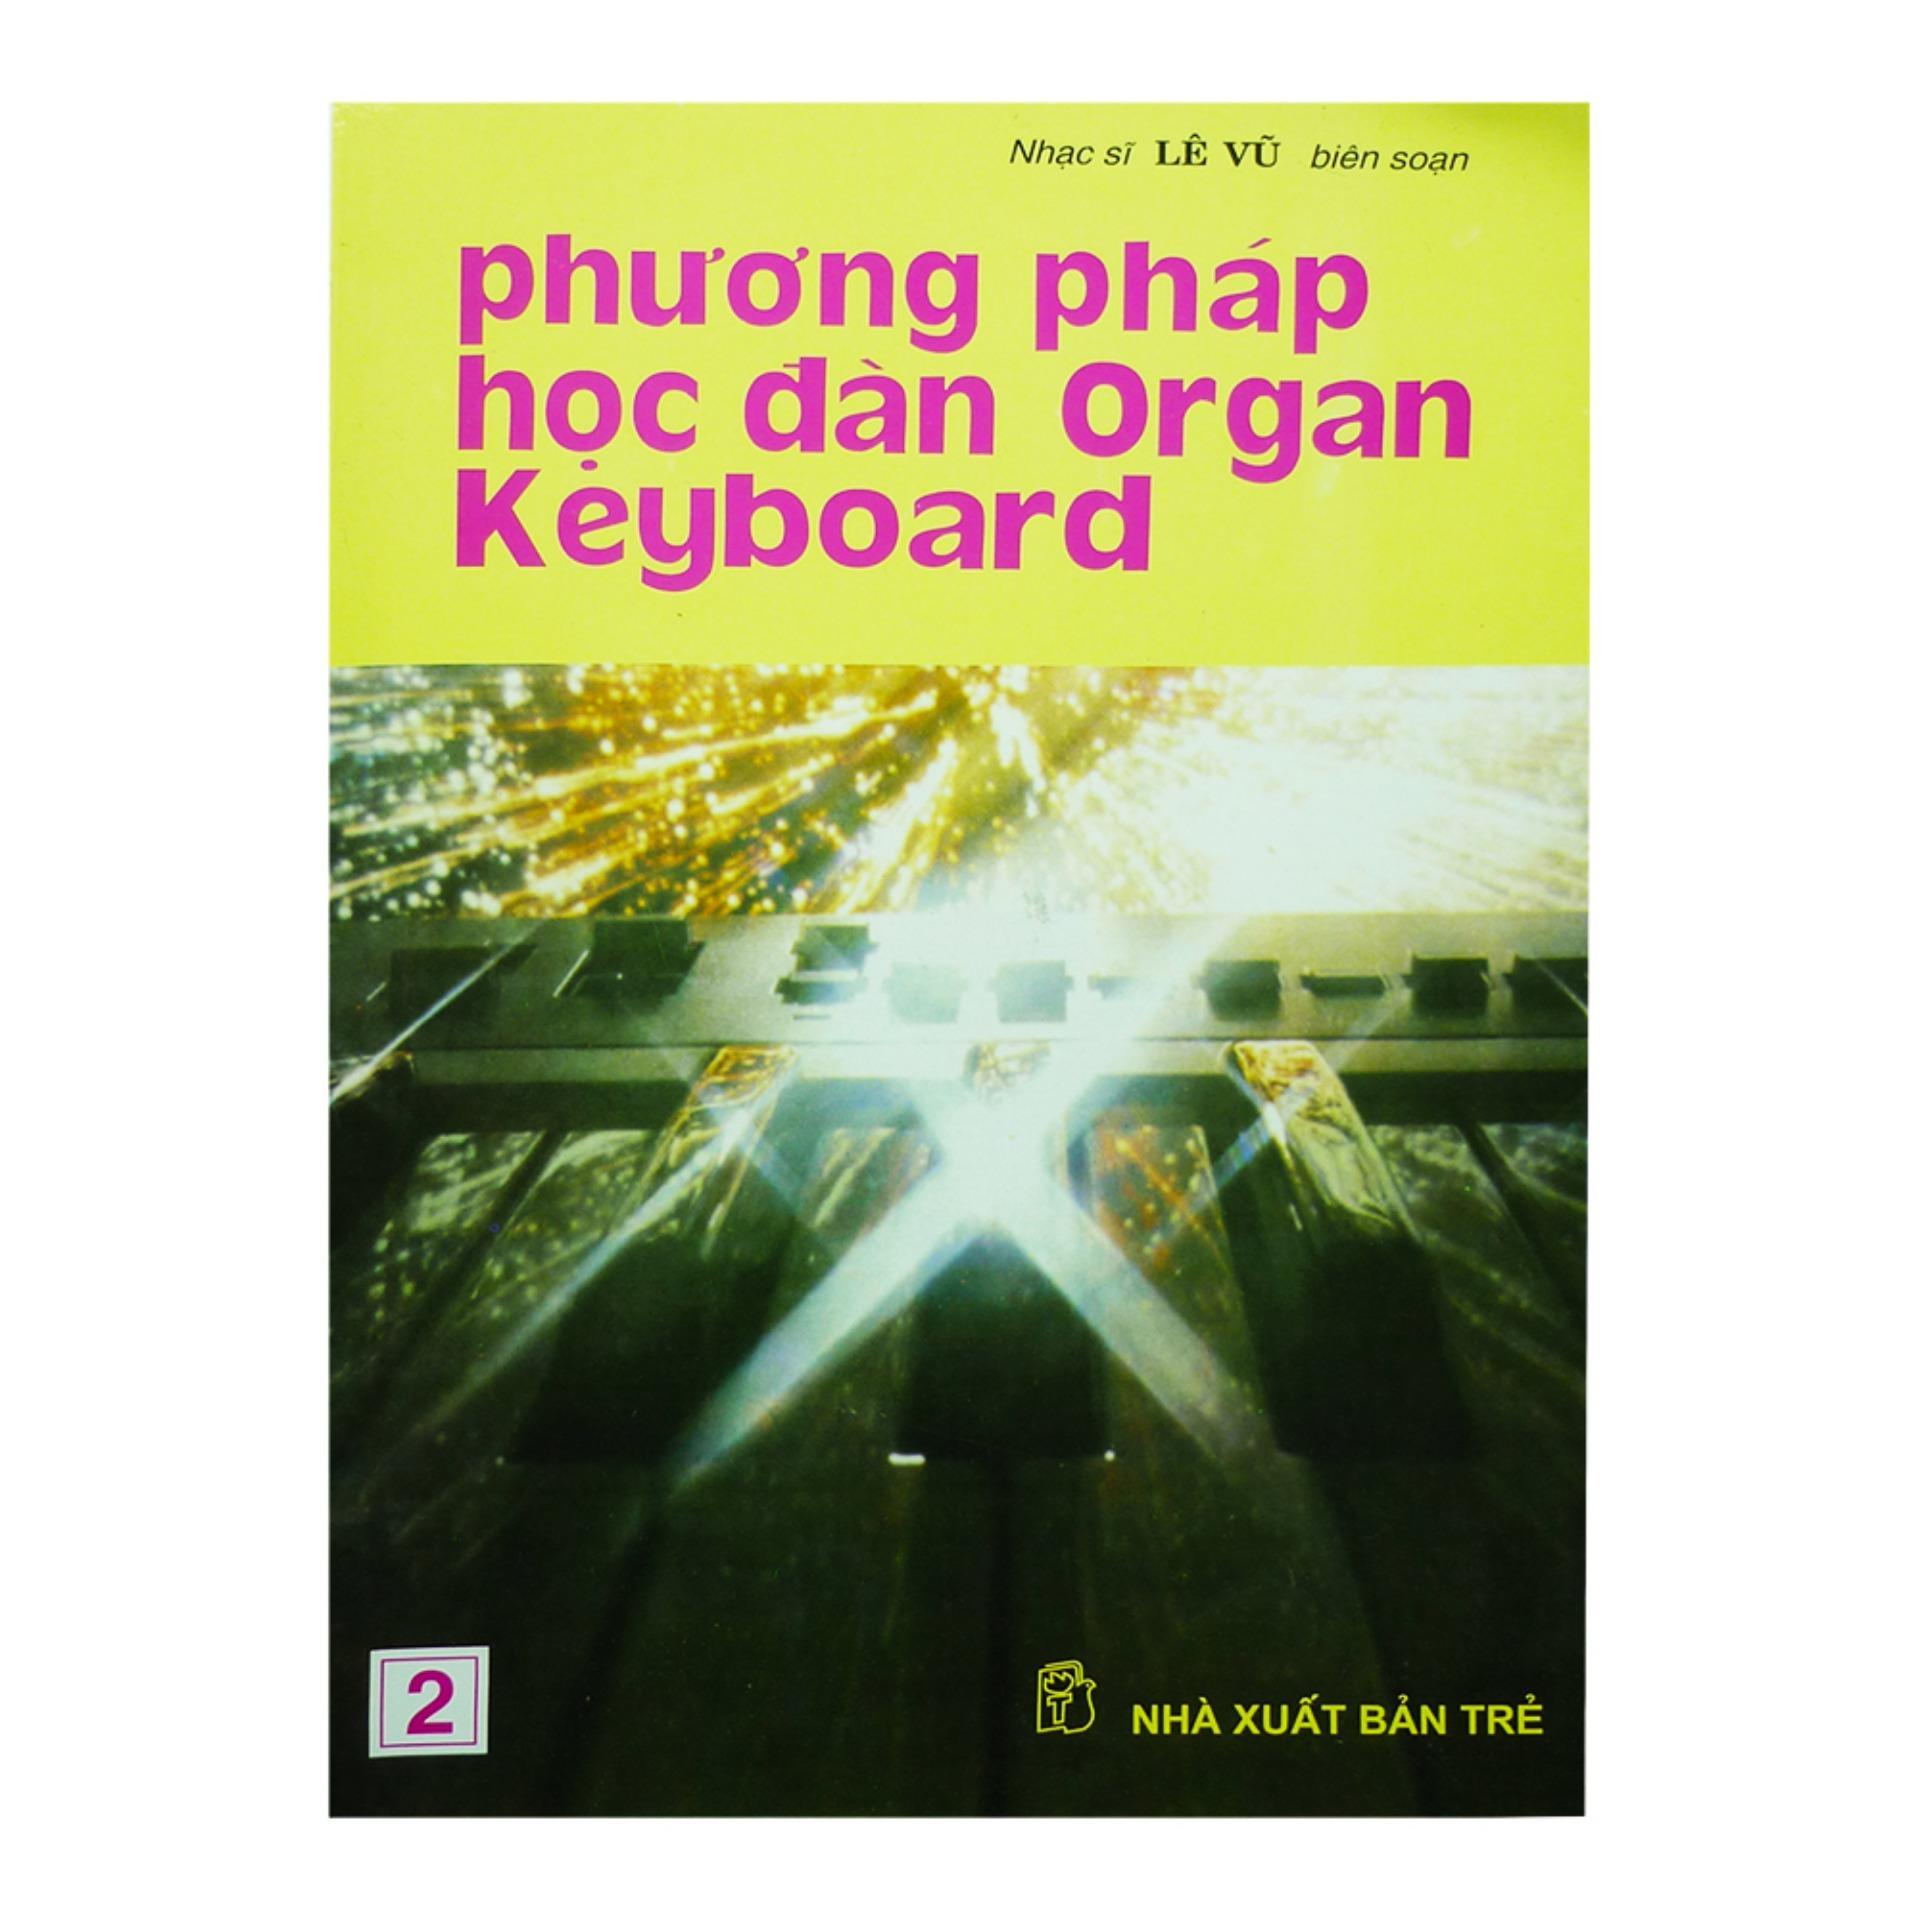 Mã Tiết Kiệm Để Mua Sắm Phương Pháp Học Đàn Organ Keyboard (Tập 1, 2) - Lê Vũ